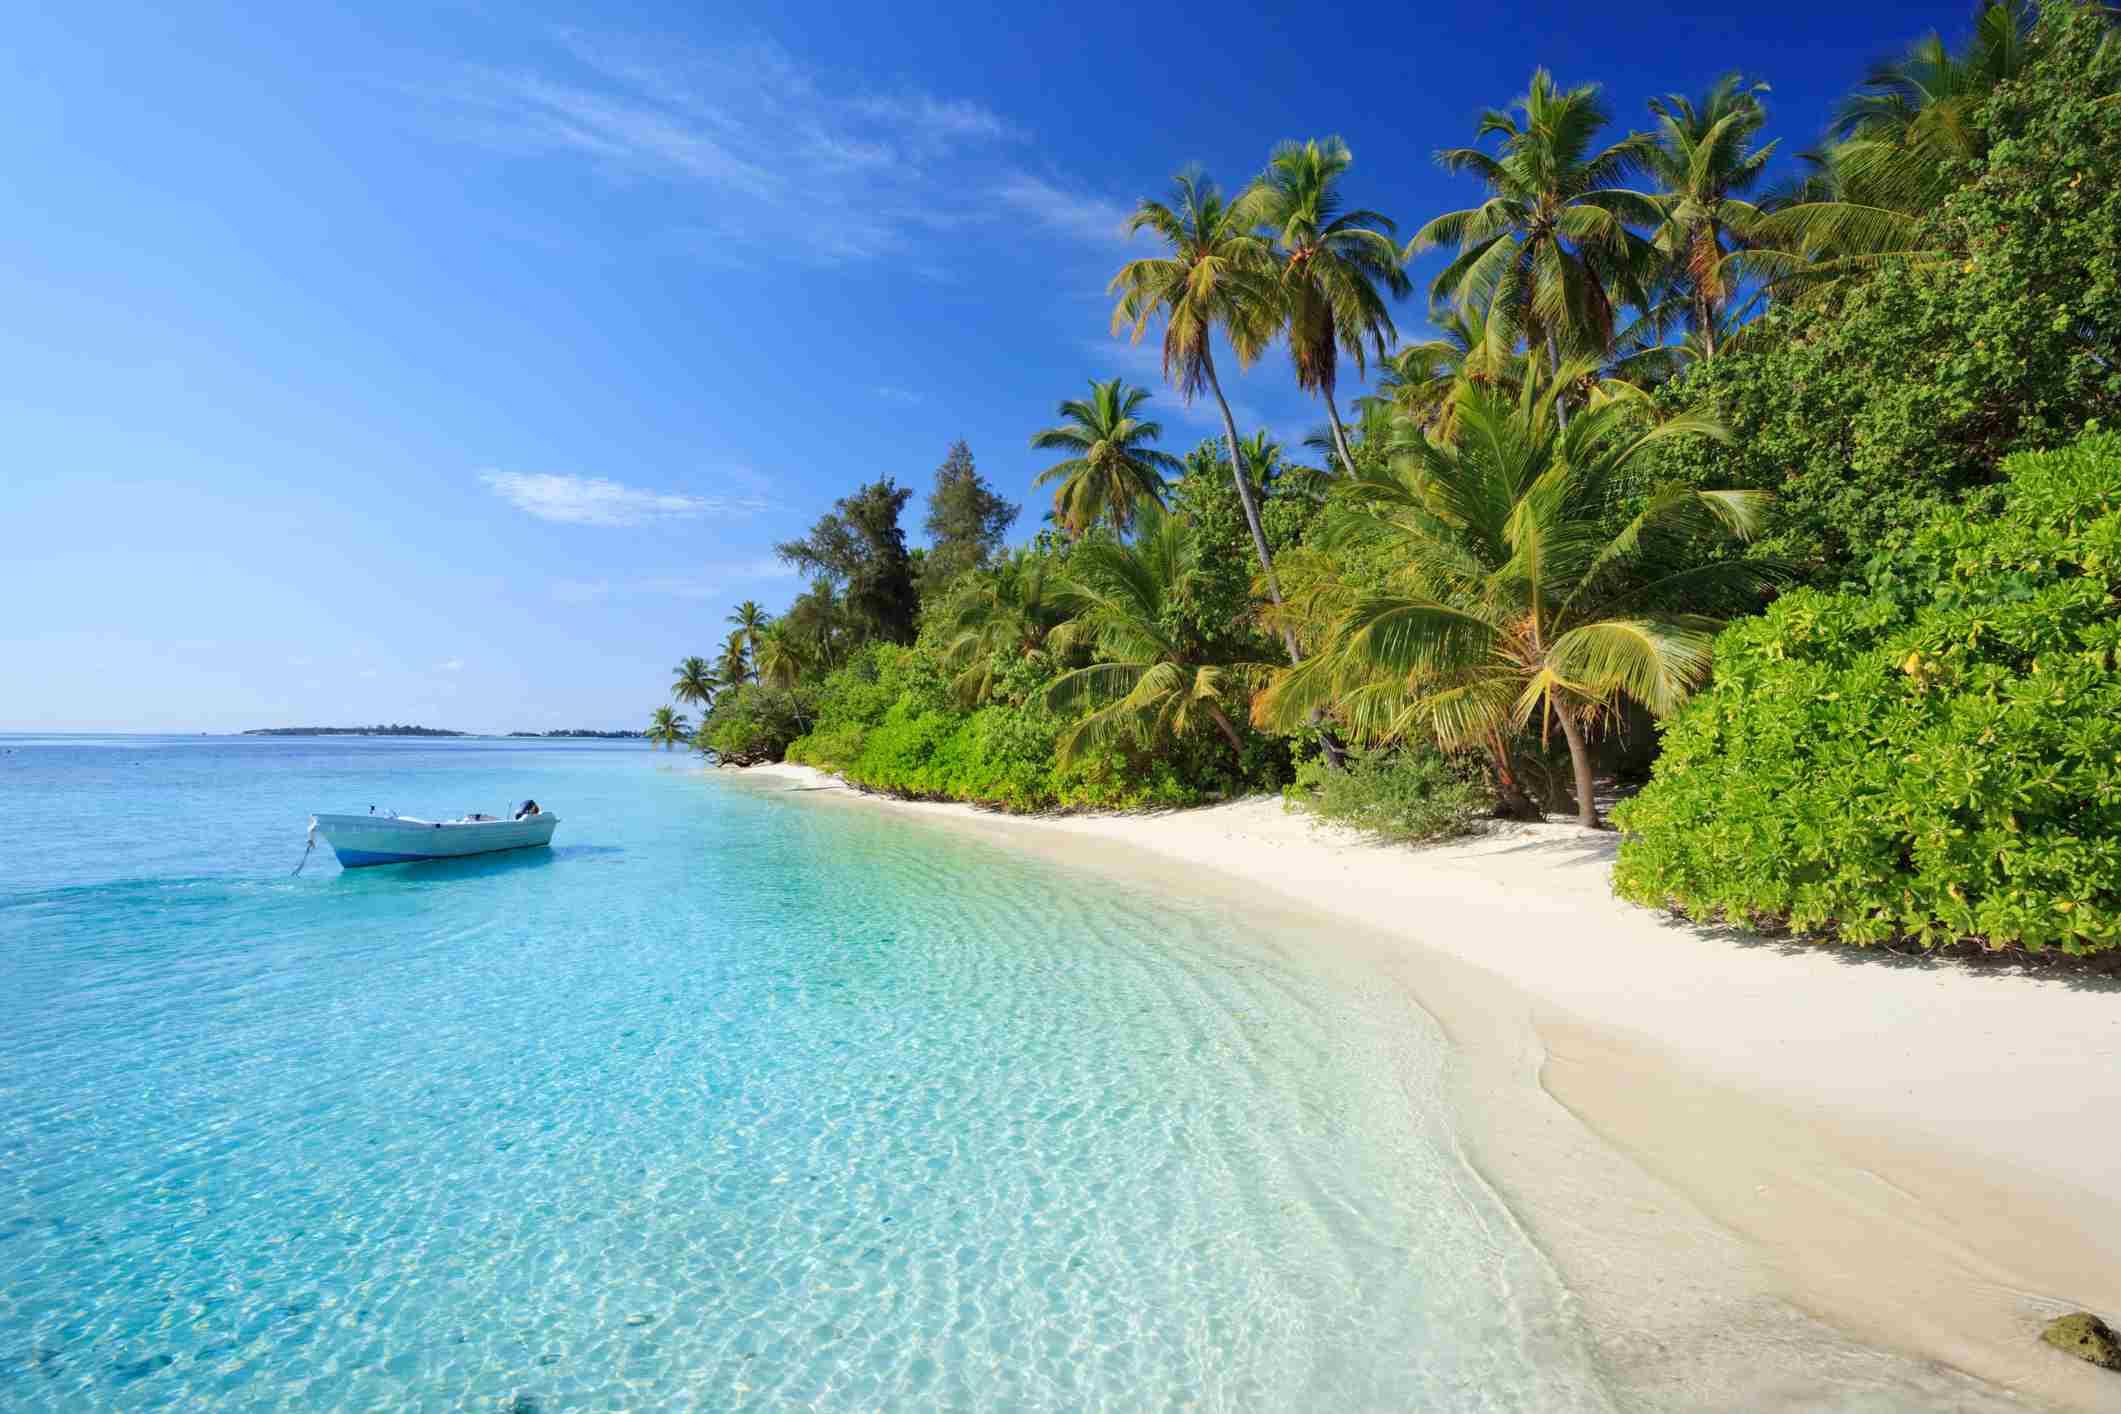 Playa tropical con cocoteros, poco después del amanecer. Isla Biyadhoo, atolón Kaafu, Maldivas, Océano Índico